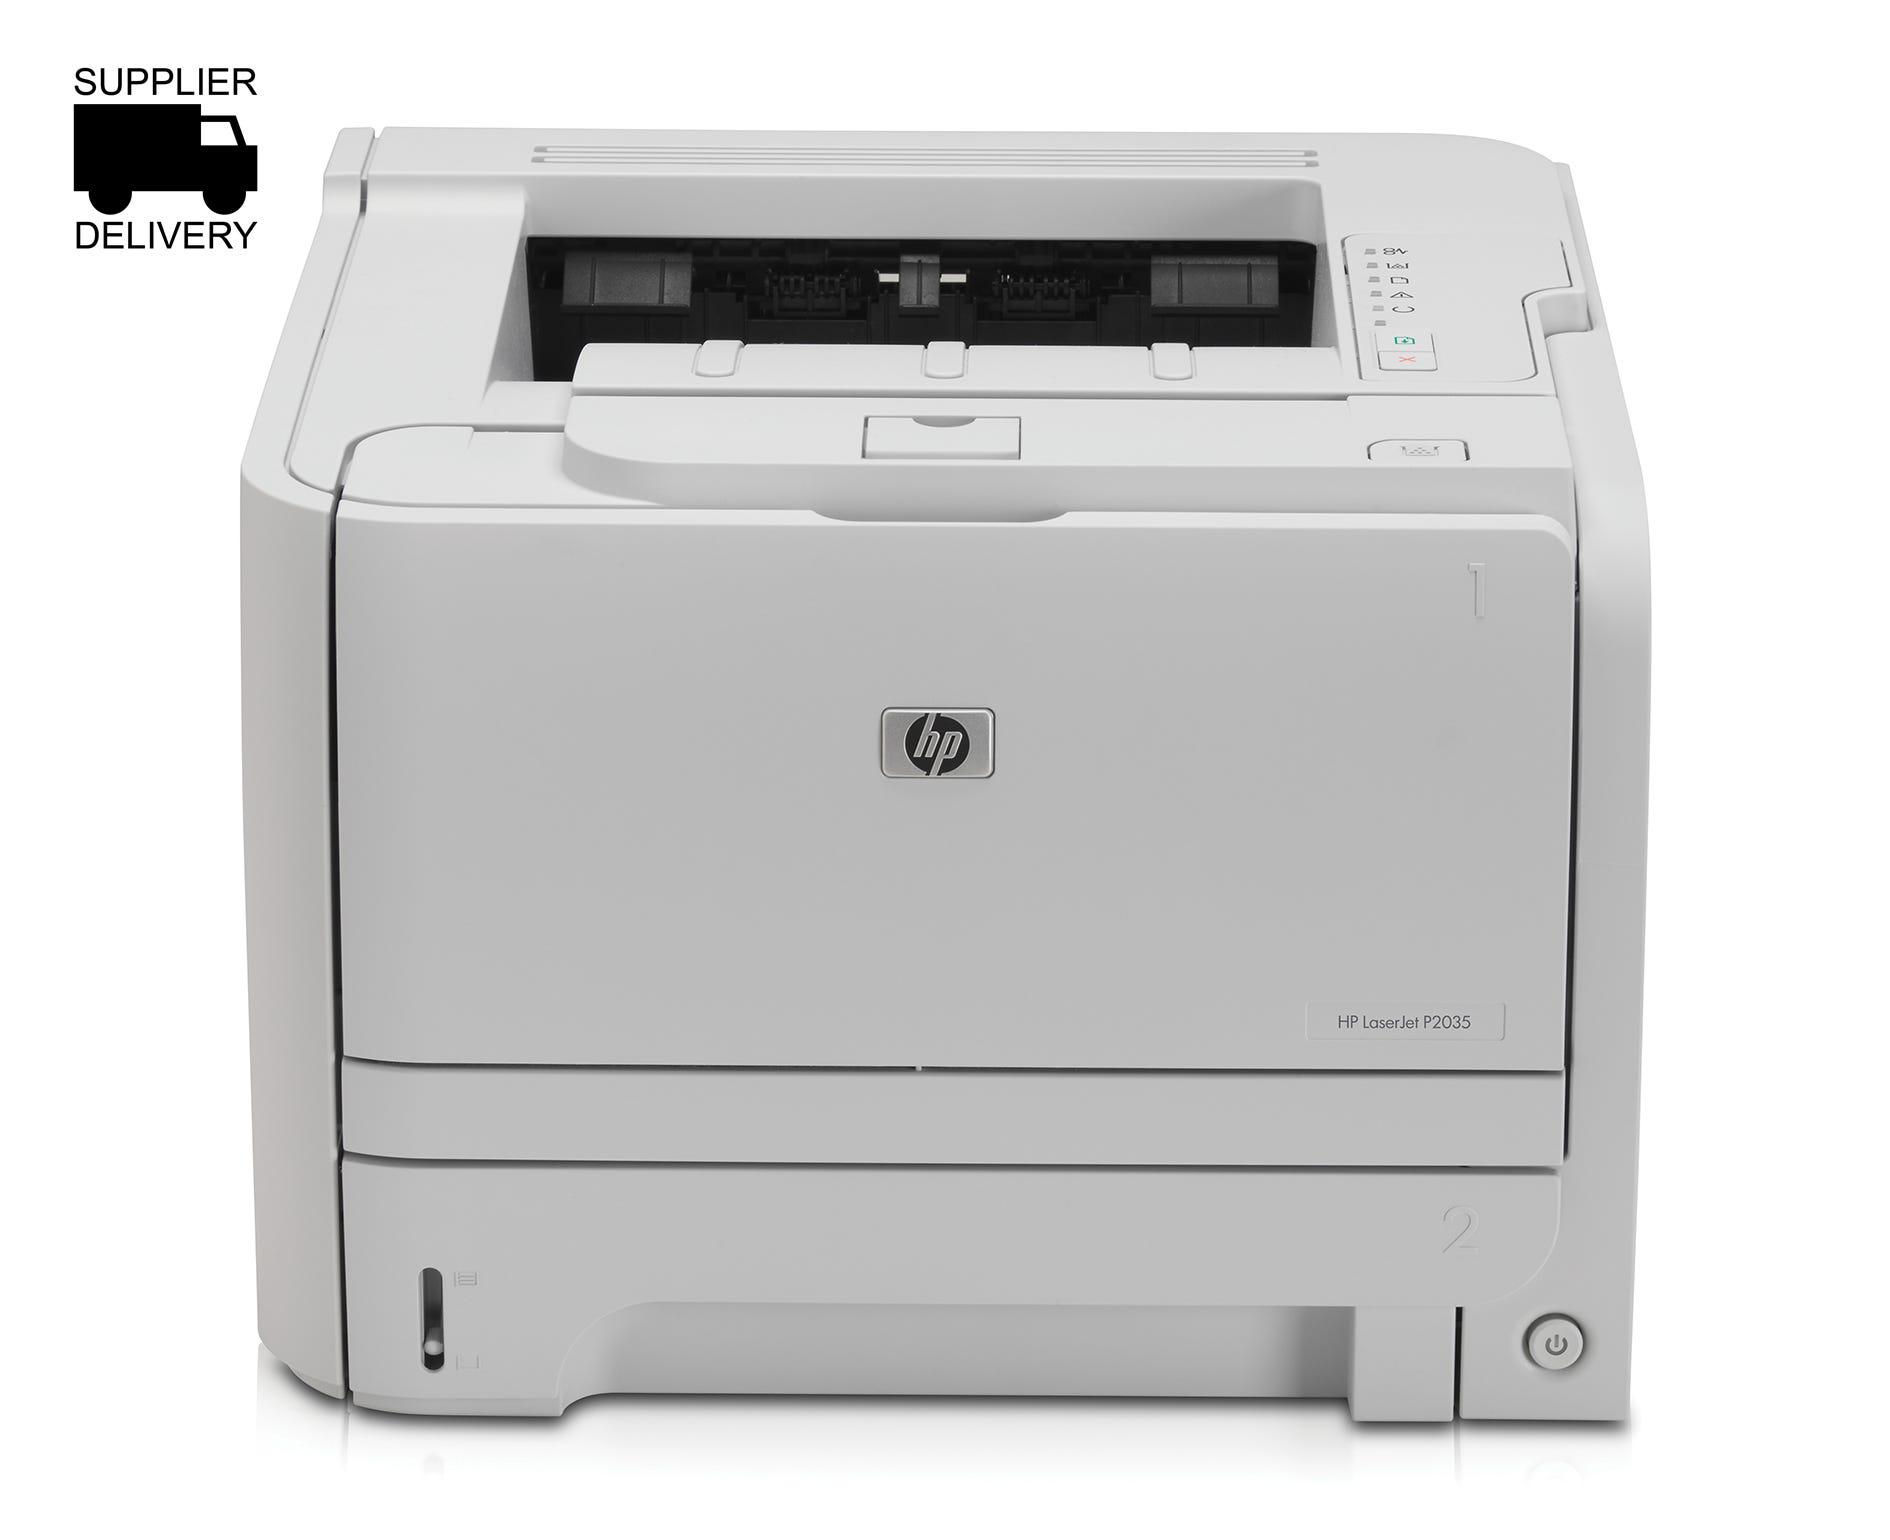 HP Laserjet P2035 Mono Printer